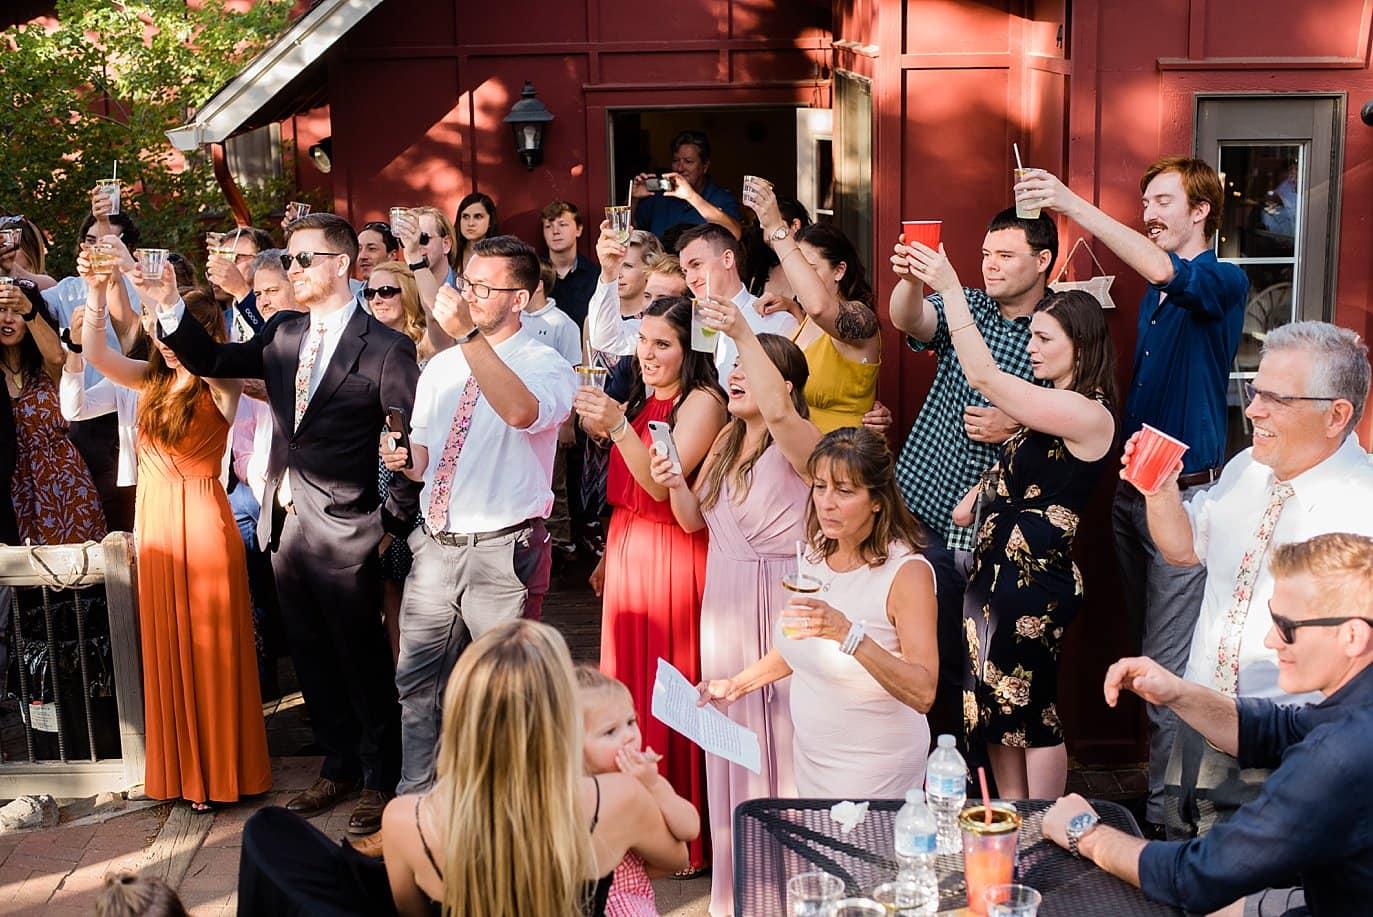 group cheers outdoor Colorado wedding photo